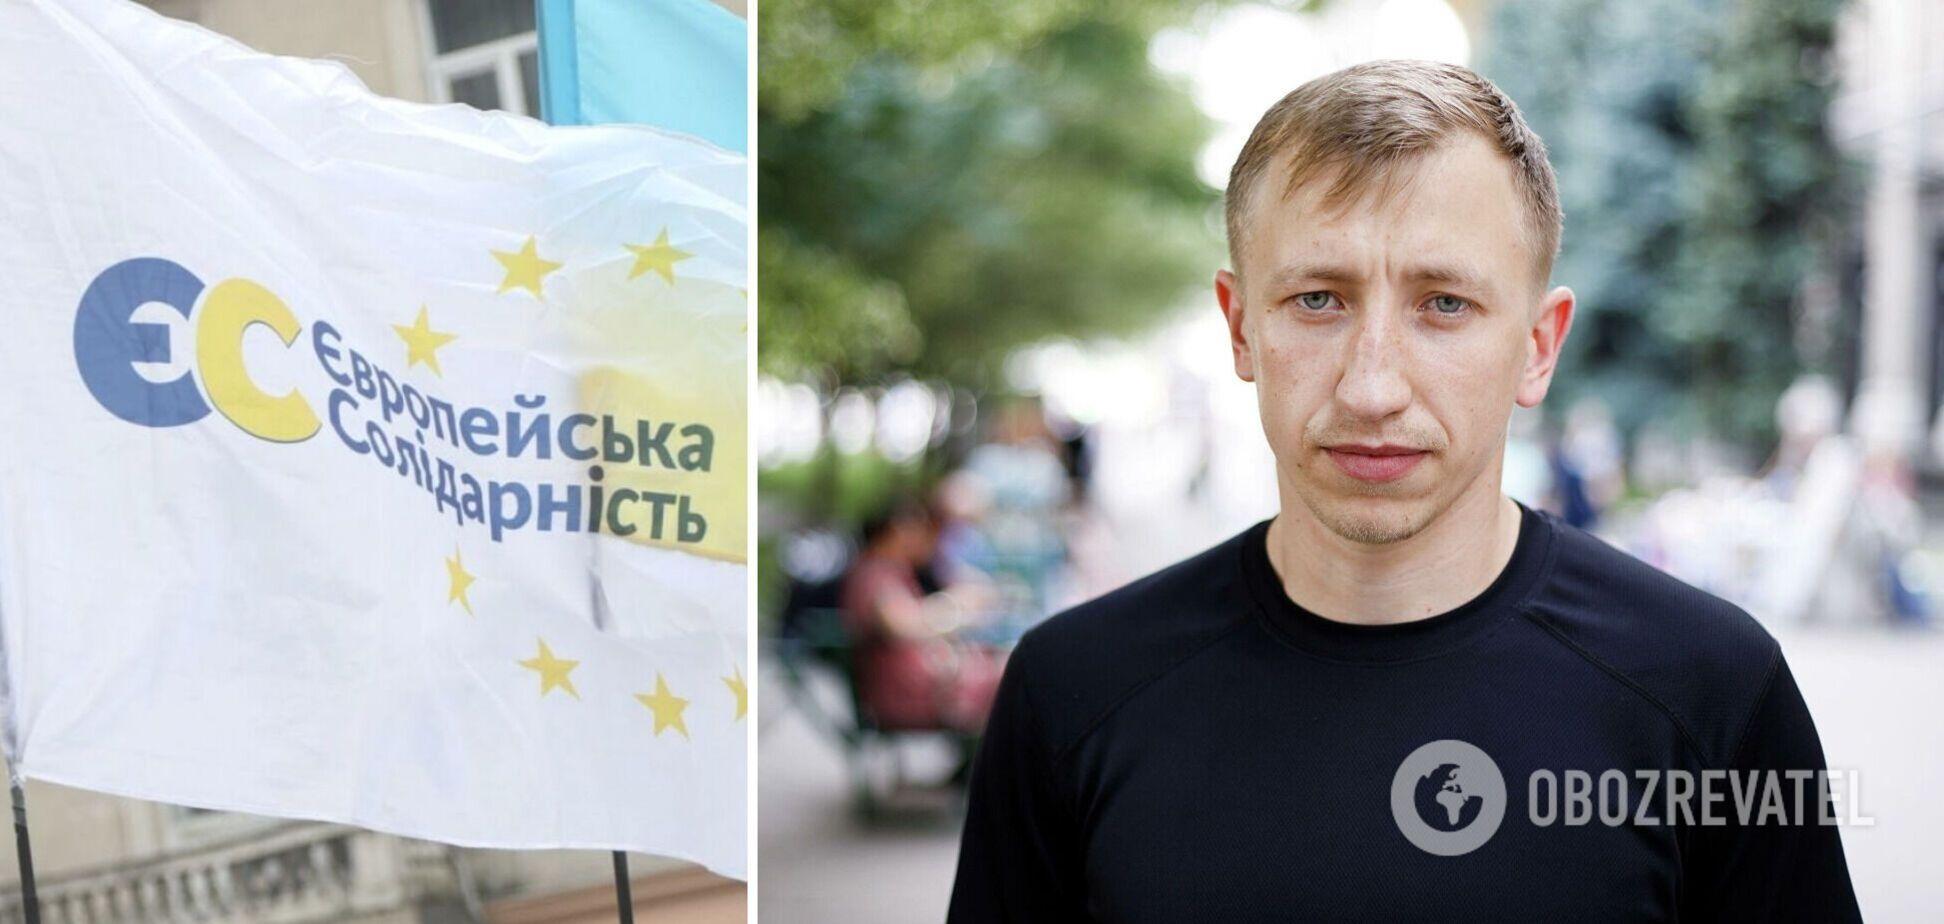 У Порошенка закликали правоохоронців неупереджено розслідувати загибель білоруса Шишова у Києві